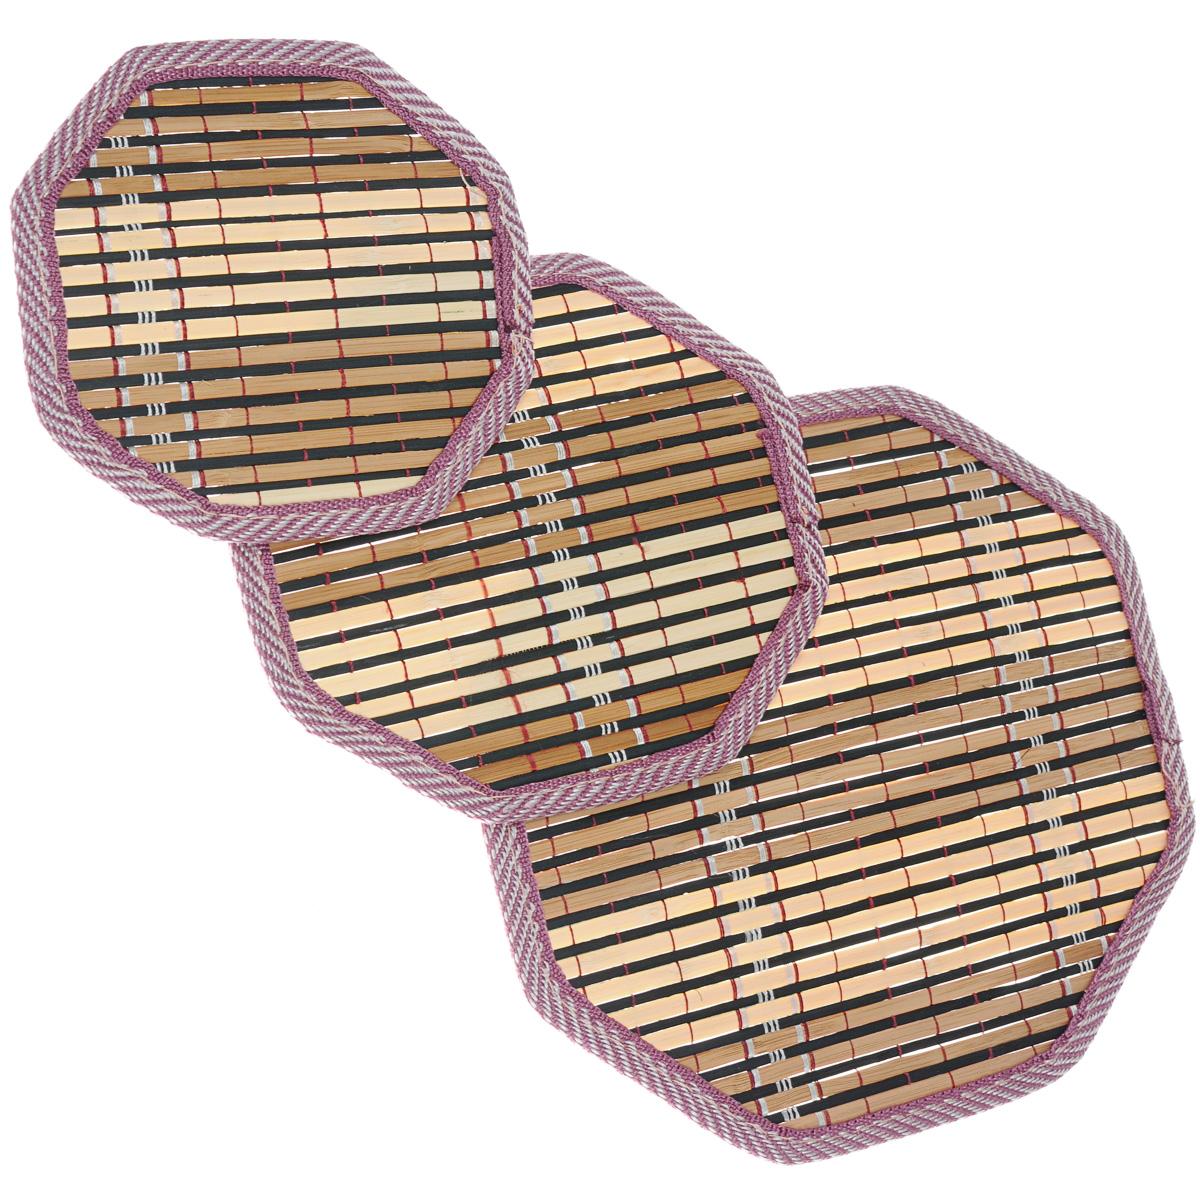 """Набор """"Dommix"""", состоящий из 3 бамбуковых салфеток под горячее, идеально впишется в интерьер современной кухни.  Салфетки из бамбука не впитывают запахи, легко моются, не деформируются при длительном использовании. Бамбук обладает антибактериальными и водоотталкивающими свойствами. Также имеют высокую прочность.   Каждая хозяйка знает, что салфетка под горячее - это незаменимый и очень полезный аксессуар на каждой кухне. Ваш стол будет не только украшен оригинальной салфеткой, но и сбережен от воздействия высоких температур ваших кулинарных шедевров.   Размер маленькой салфетки: 15,5 см х 15 см х 0,2 см. Размер средней салфетки: 17,5 см х 18,5 см х 0,2 см. Размер большой салфетки: 24 см х 24,5 см х 0,2 см."""